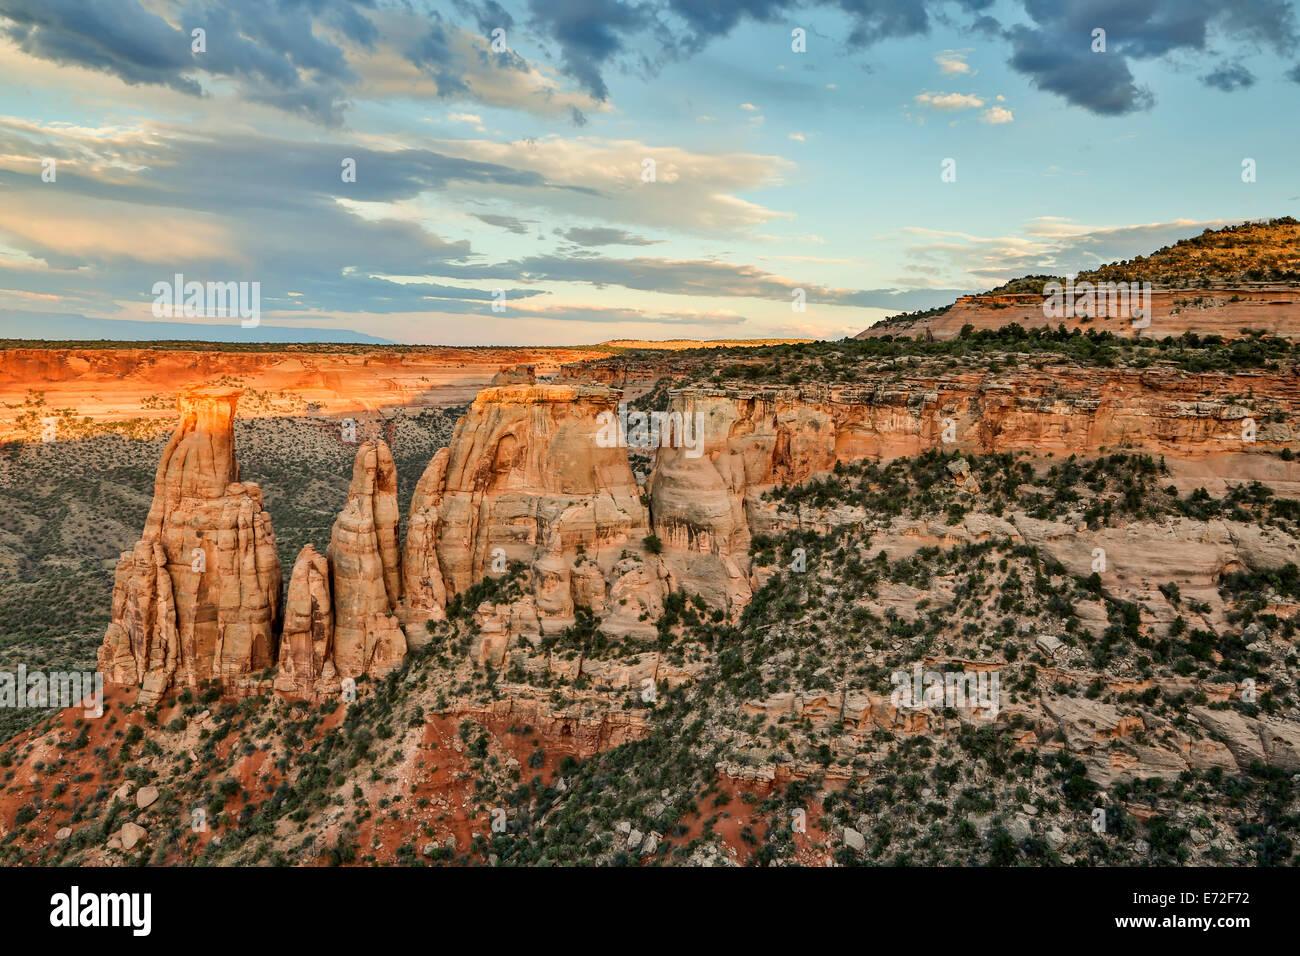 Monumentos de piedra arenisca y formaciones, Monumento Nacional de Colorado, Grand Junction, Colorado, EE.UU. Foto de stock